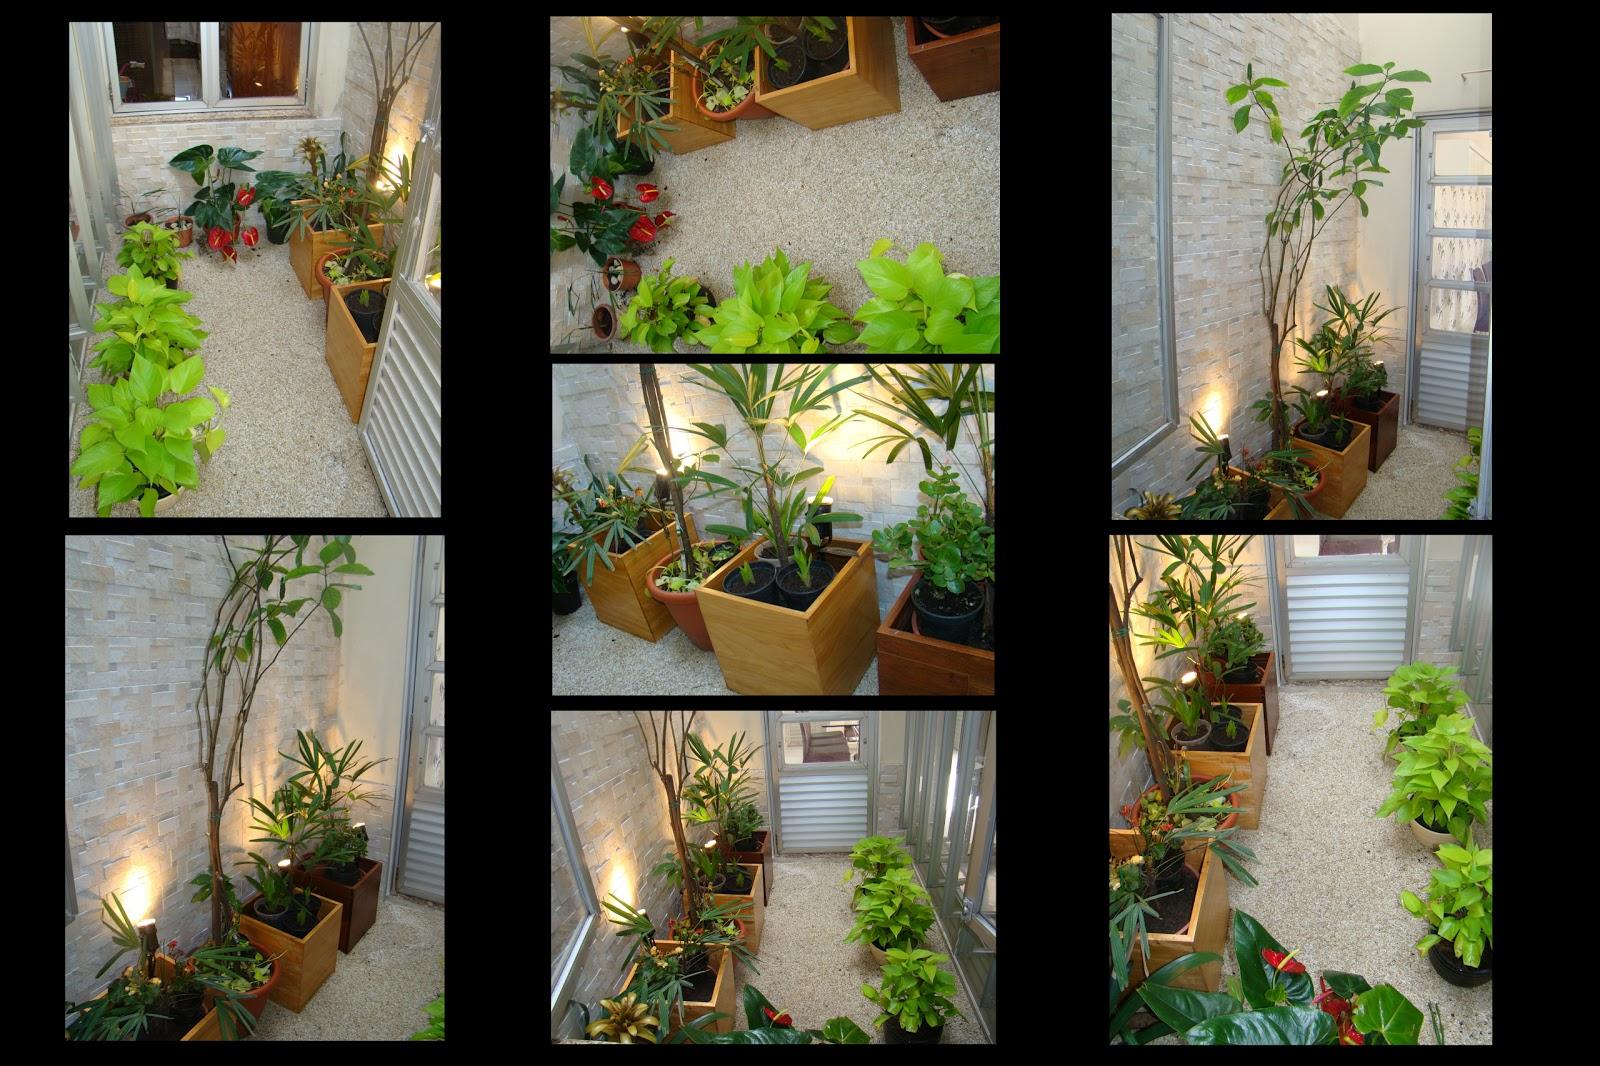 flores para jardim de inverno:jardim de inverno para cultivar plantas maravilhosas dentro de casa 04